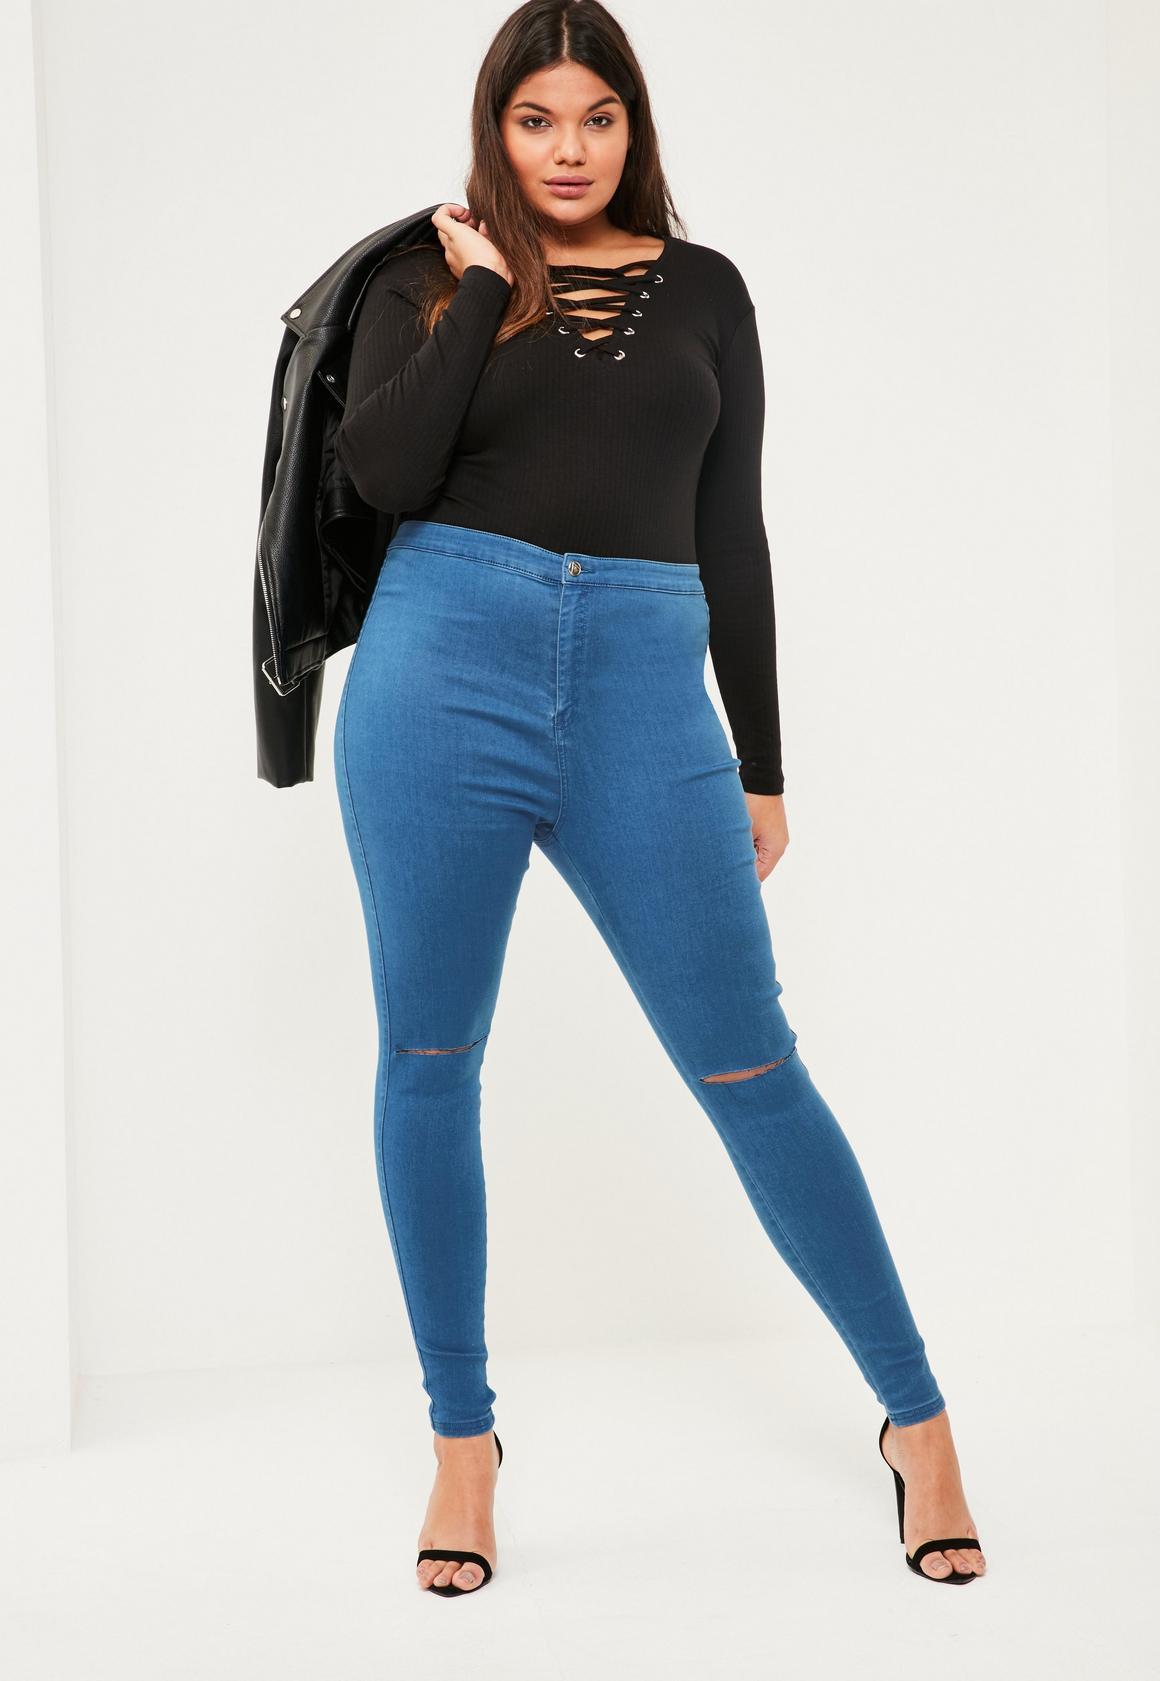 Plus size skinny jeans nz